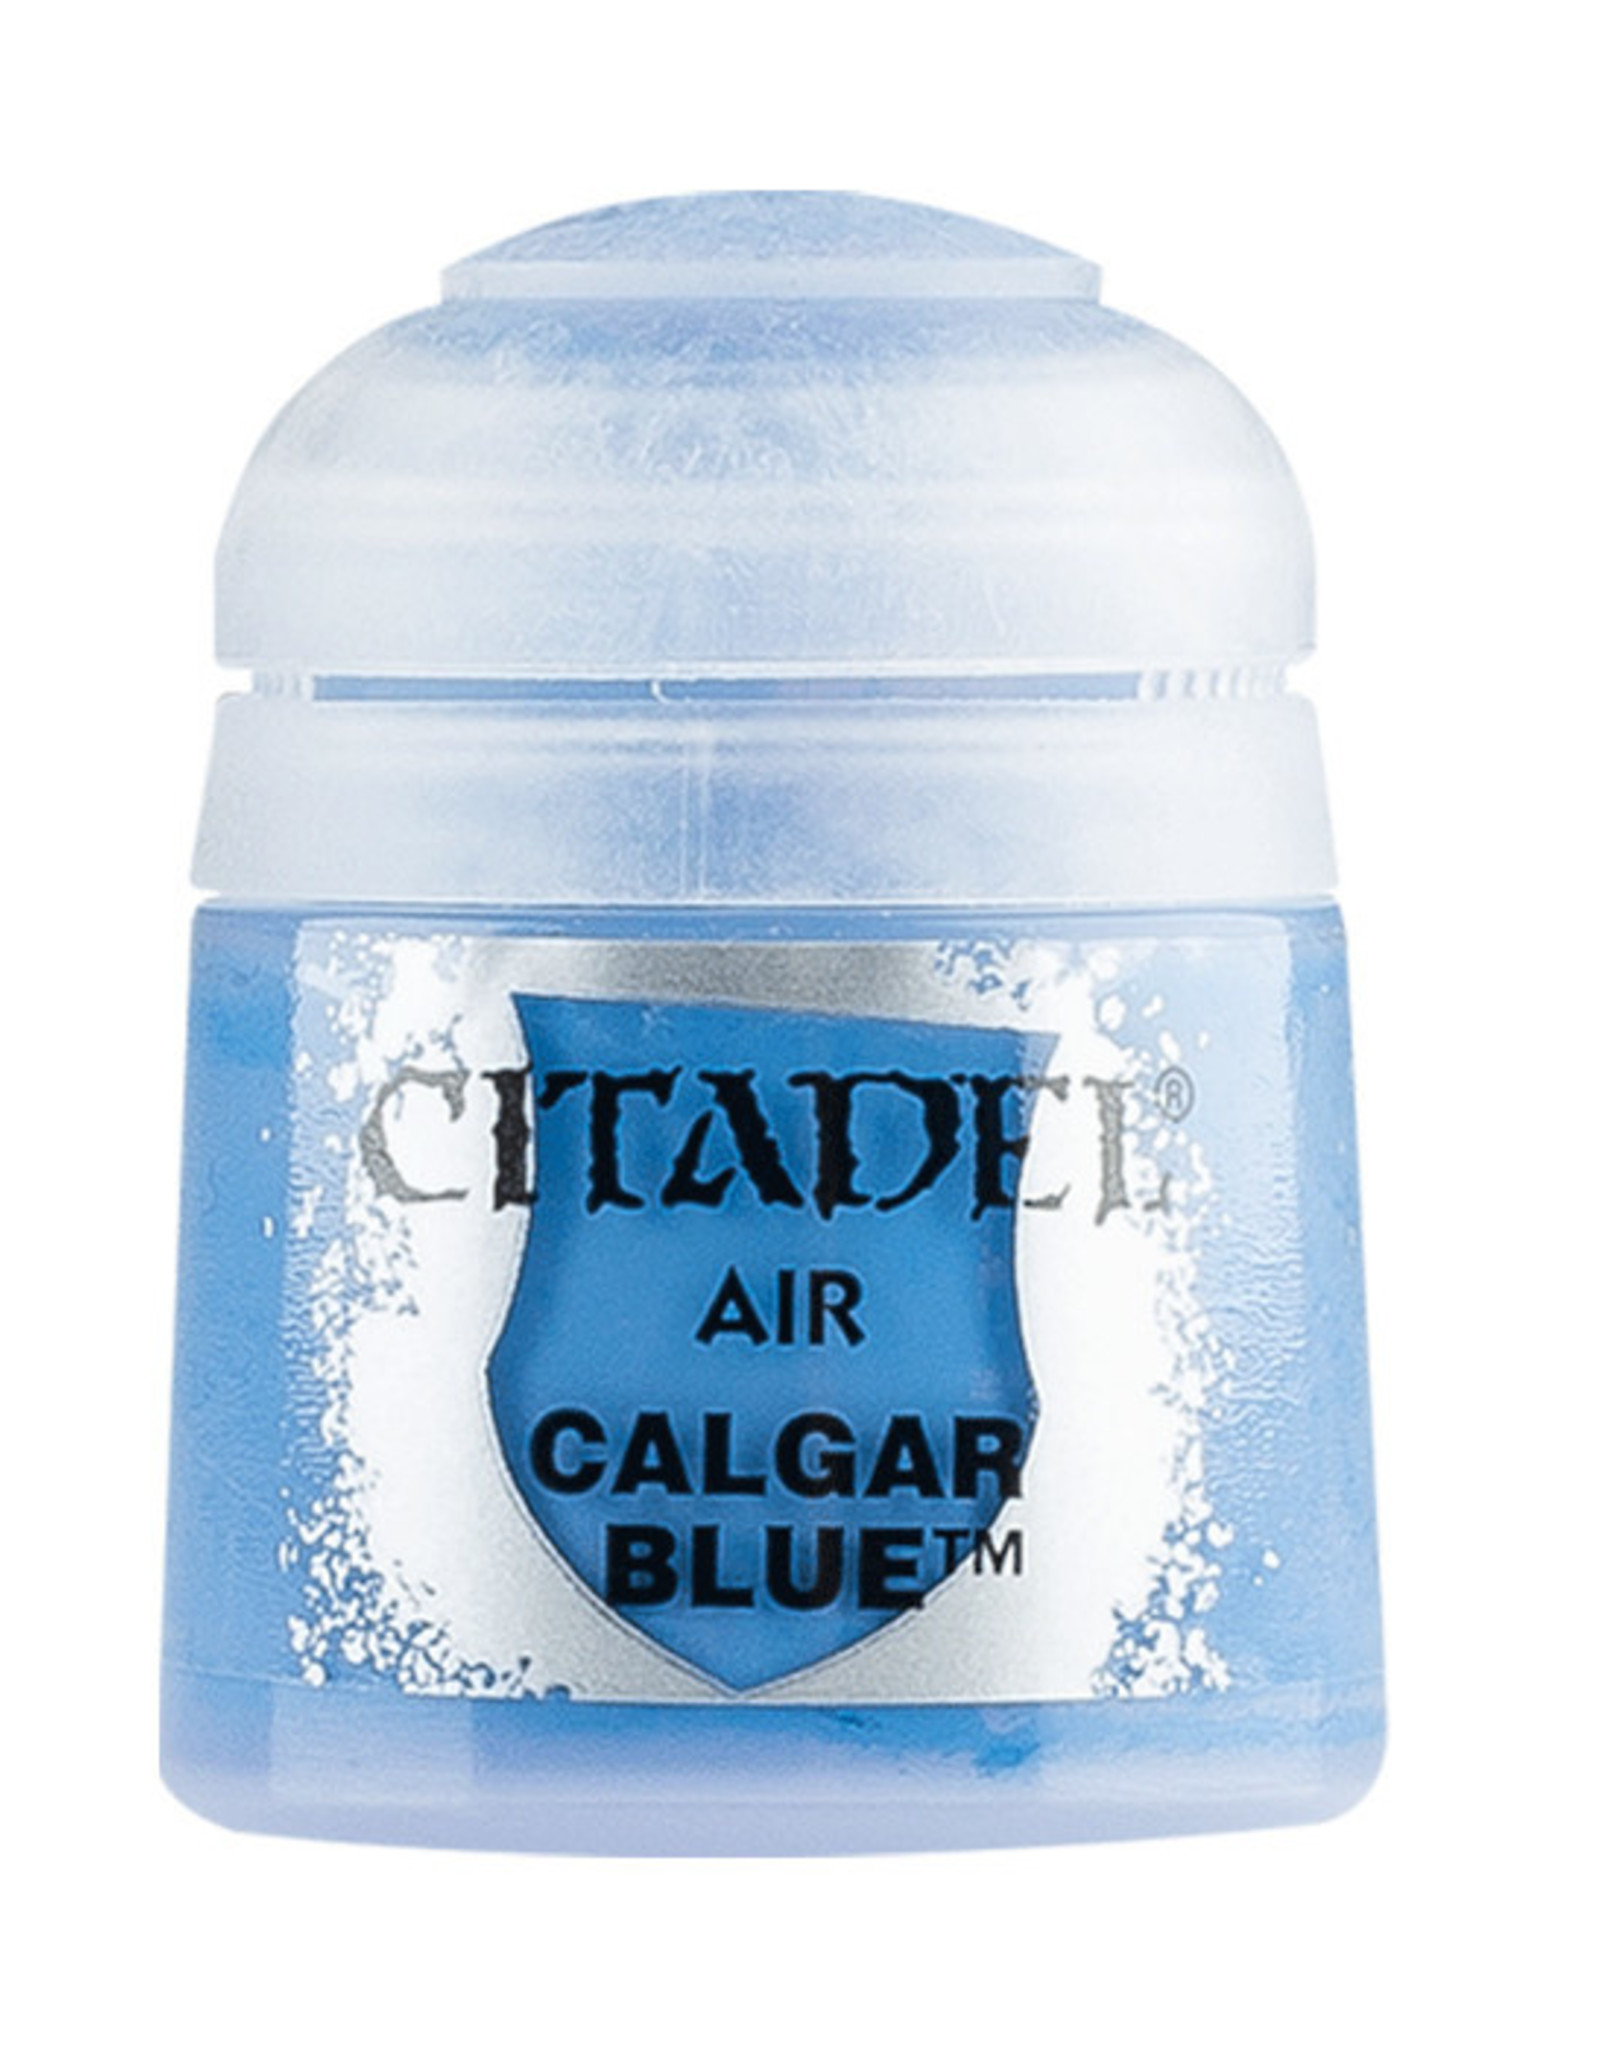 Citadel Citadel Colour: Air - Calgar Blue